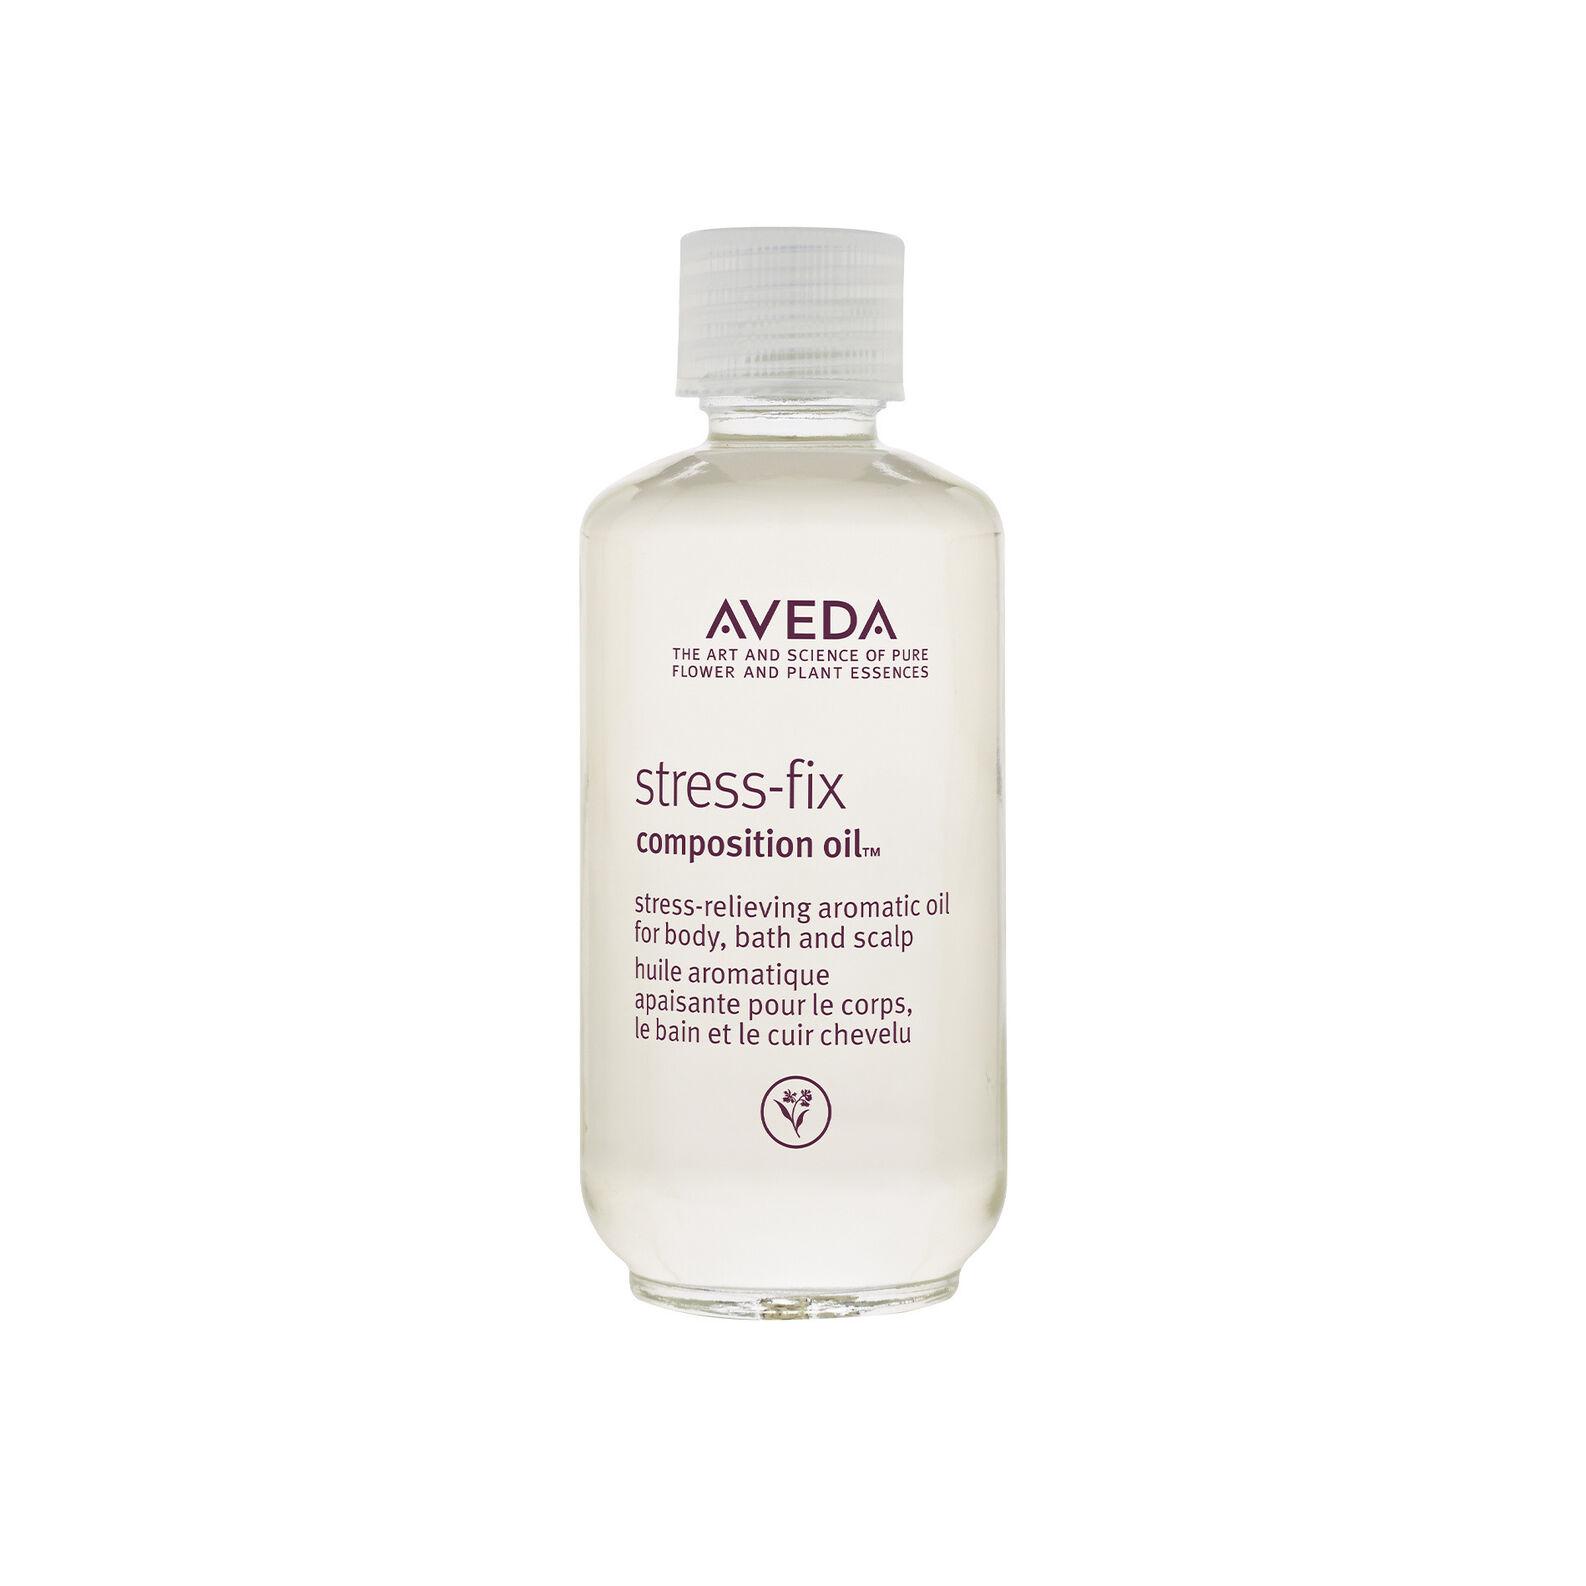 AVEDA STRESS-FIX OLIO MULTIFUNZIONE 50 ML